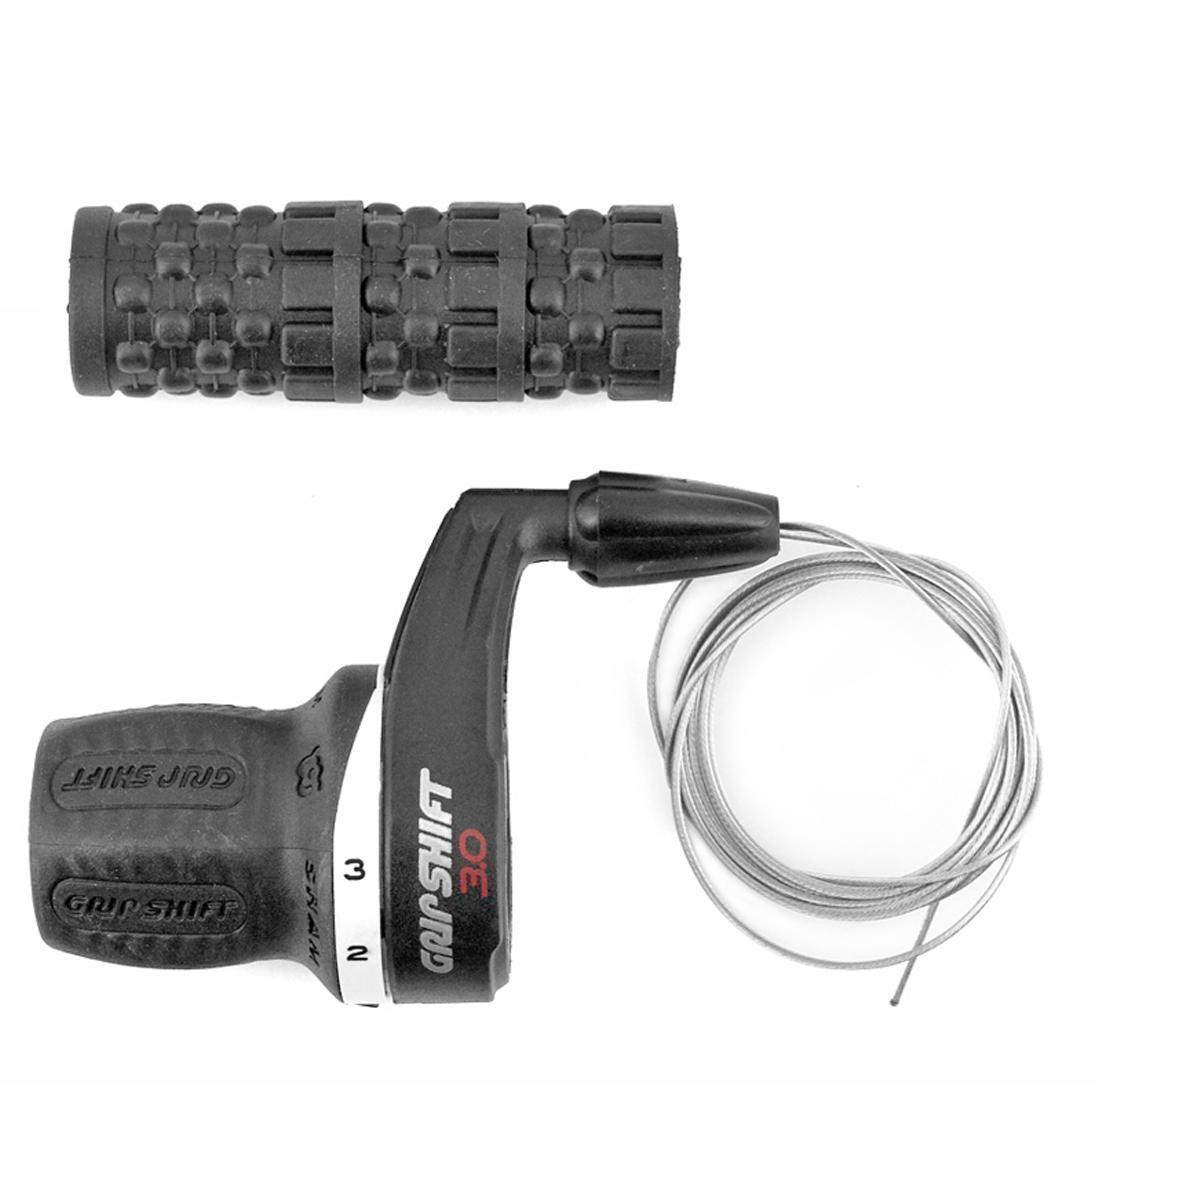 Manette SRAM Twister 3.0 Gauche 3V